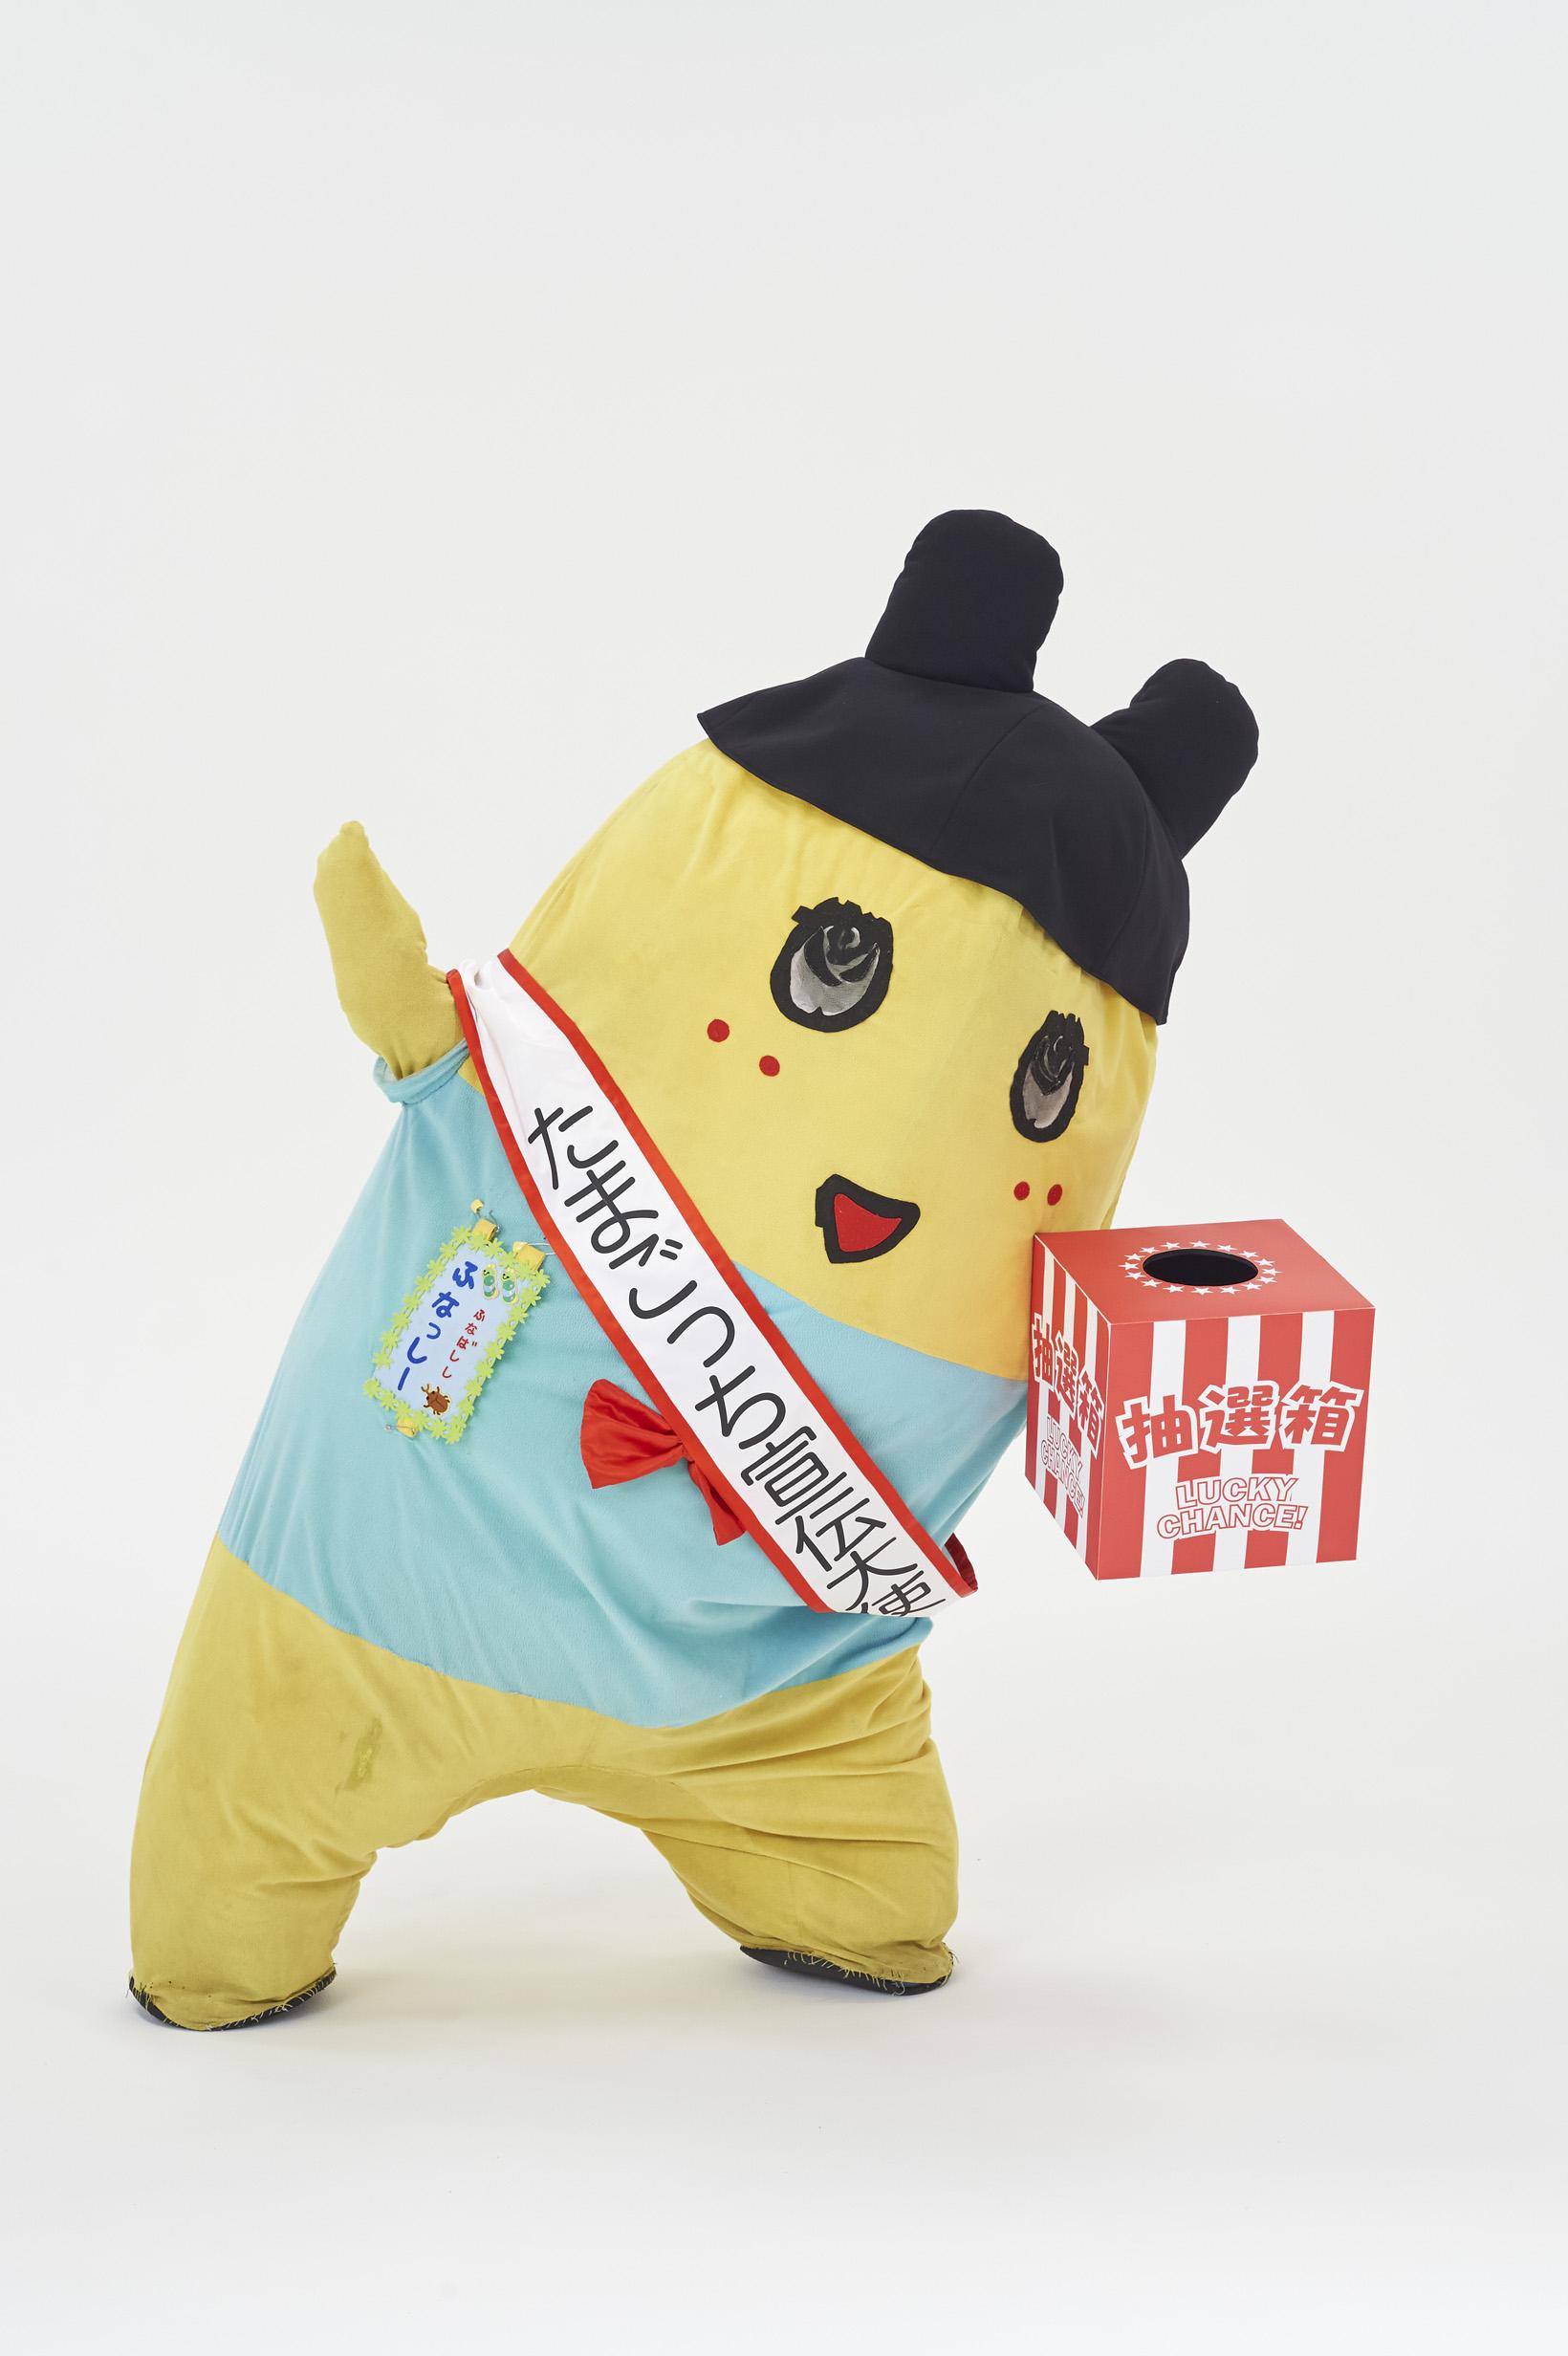 11月23日たまごっちの誕生日にふなっしーが「たまごっち宣伝大使」に就任!